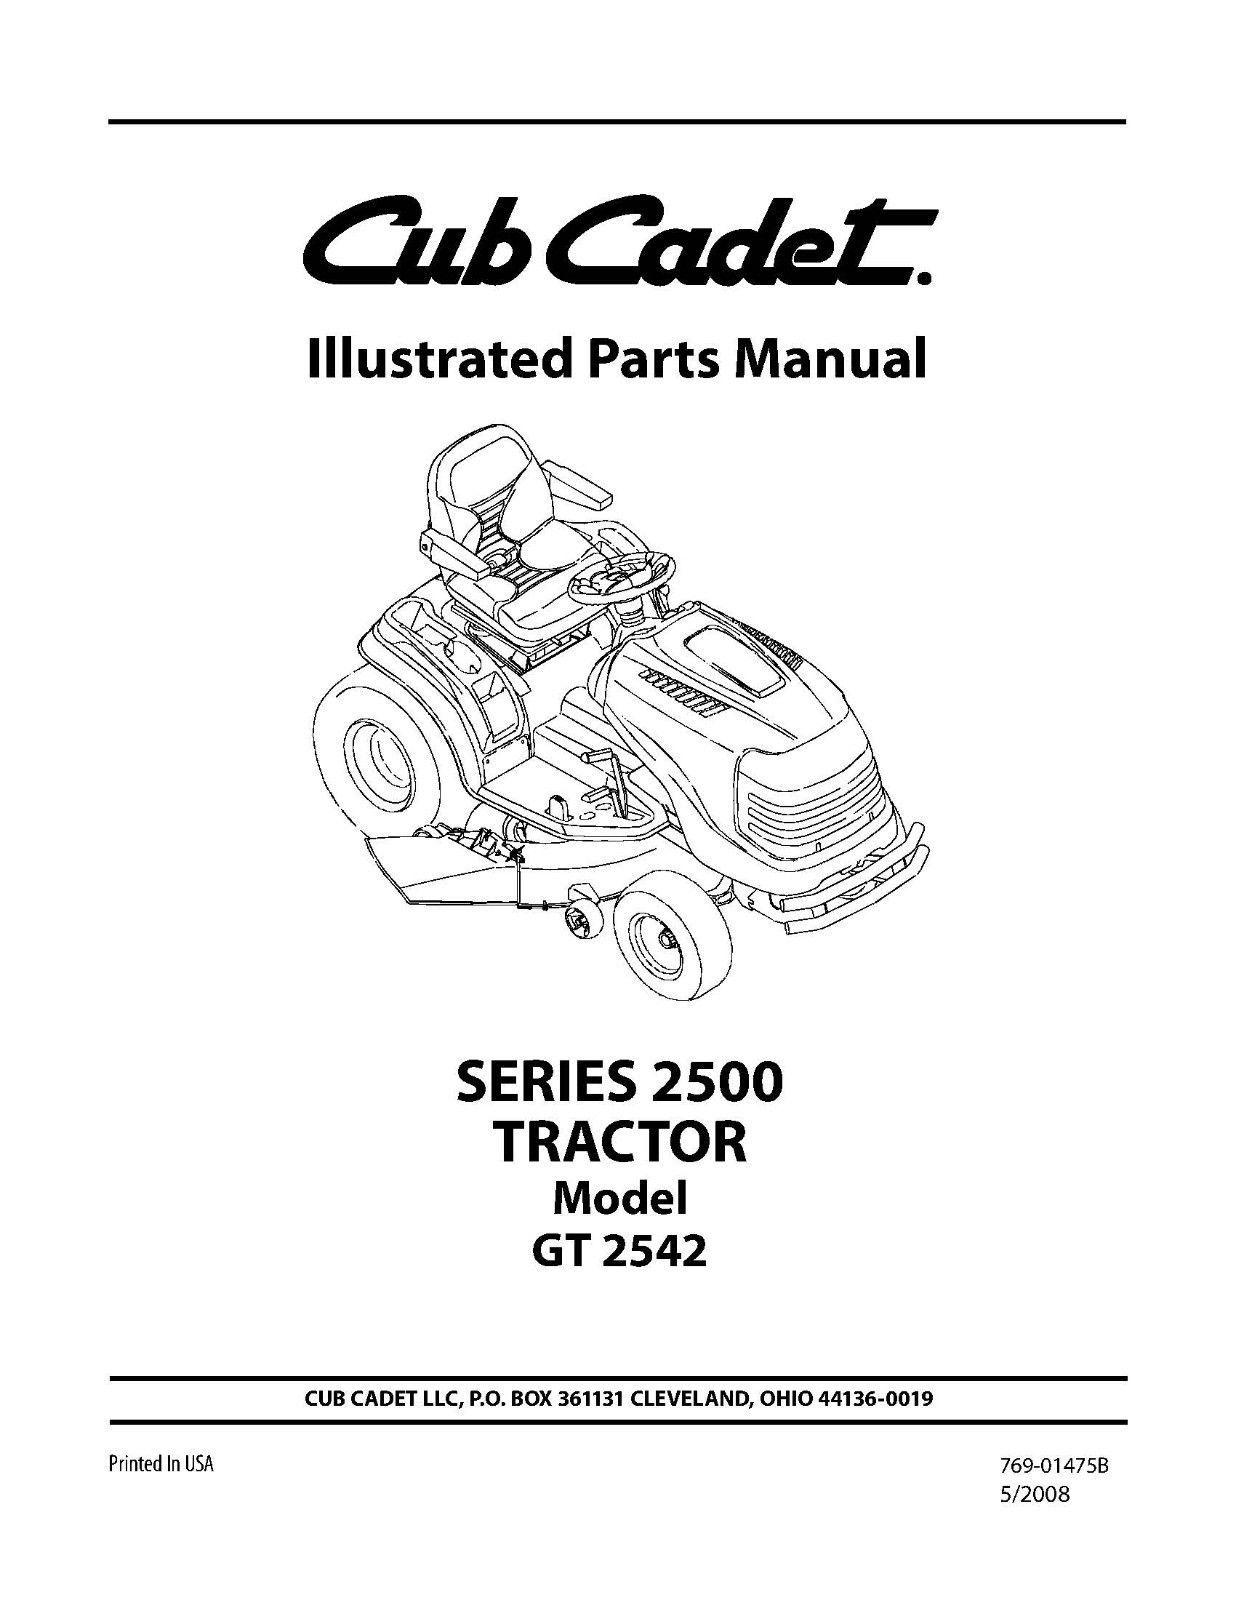 Cub Cadet Parts Manual Model No. GT 2542